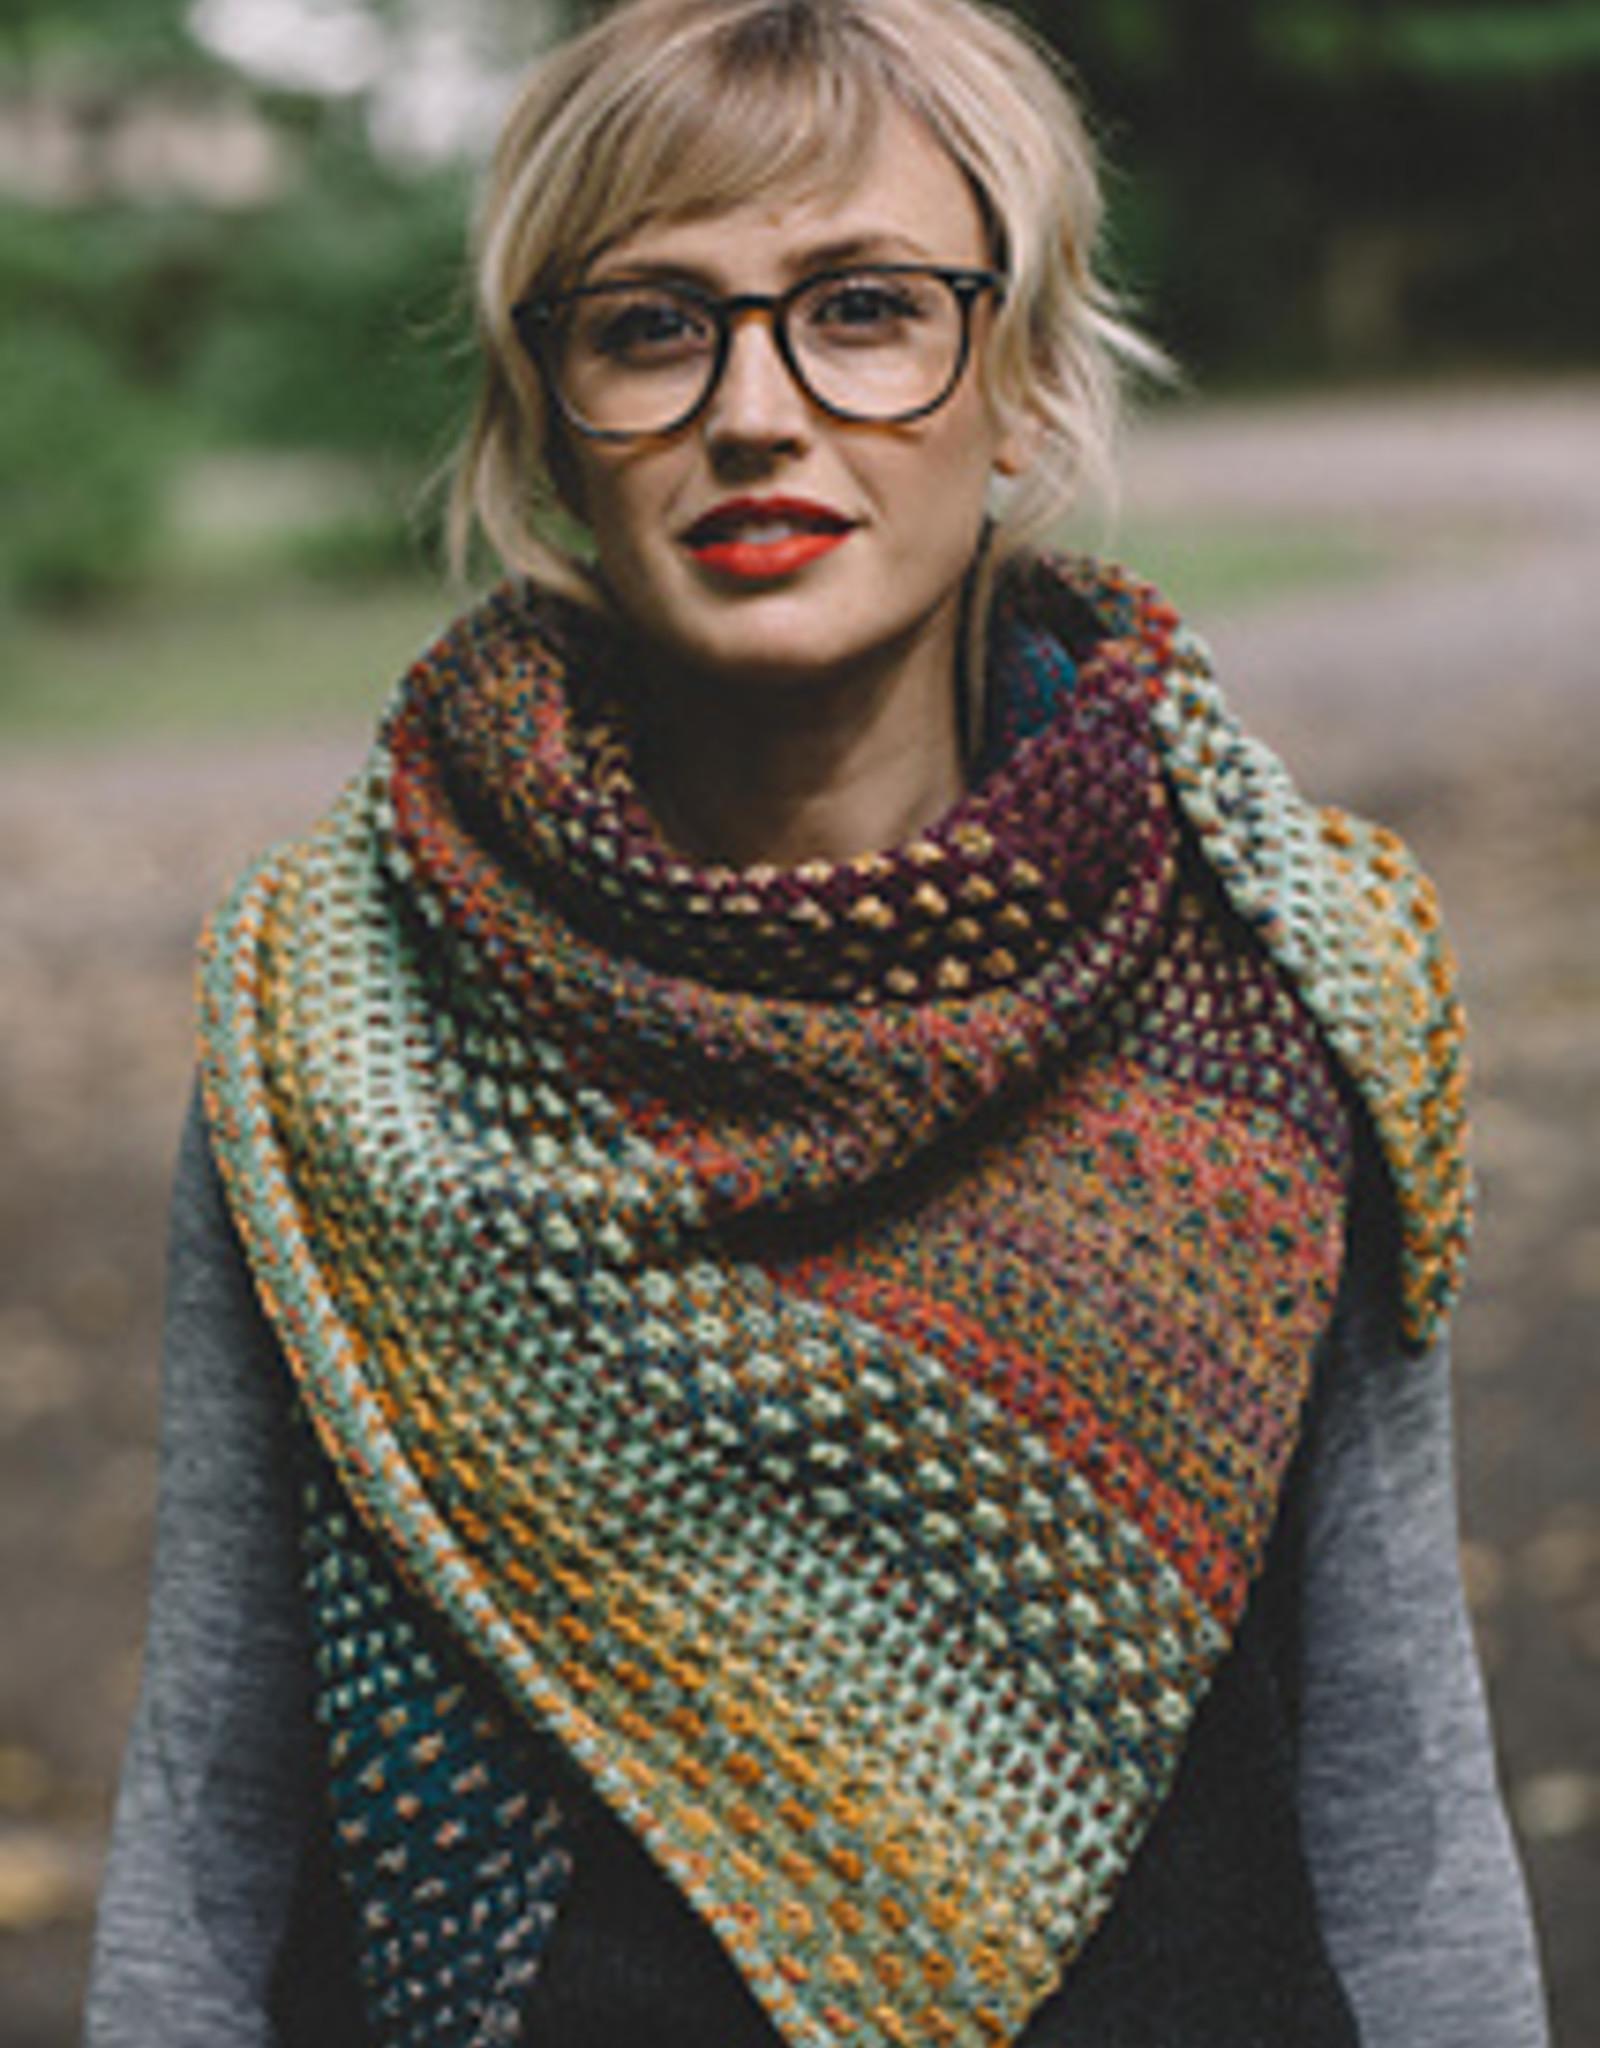 Berroco Kit prêt à tricoter - Nightshift #3